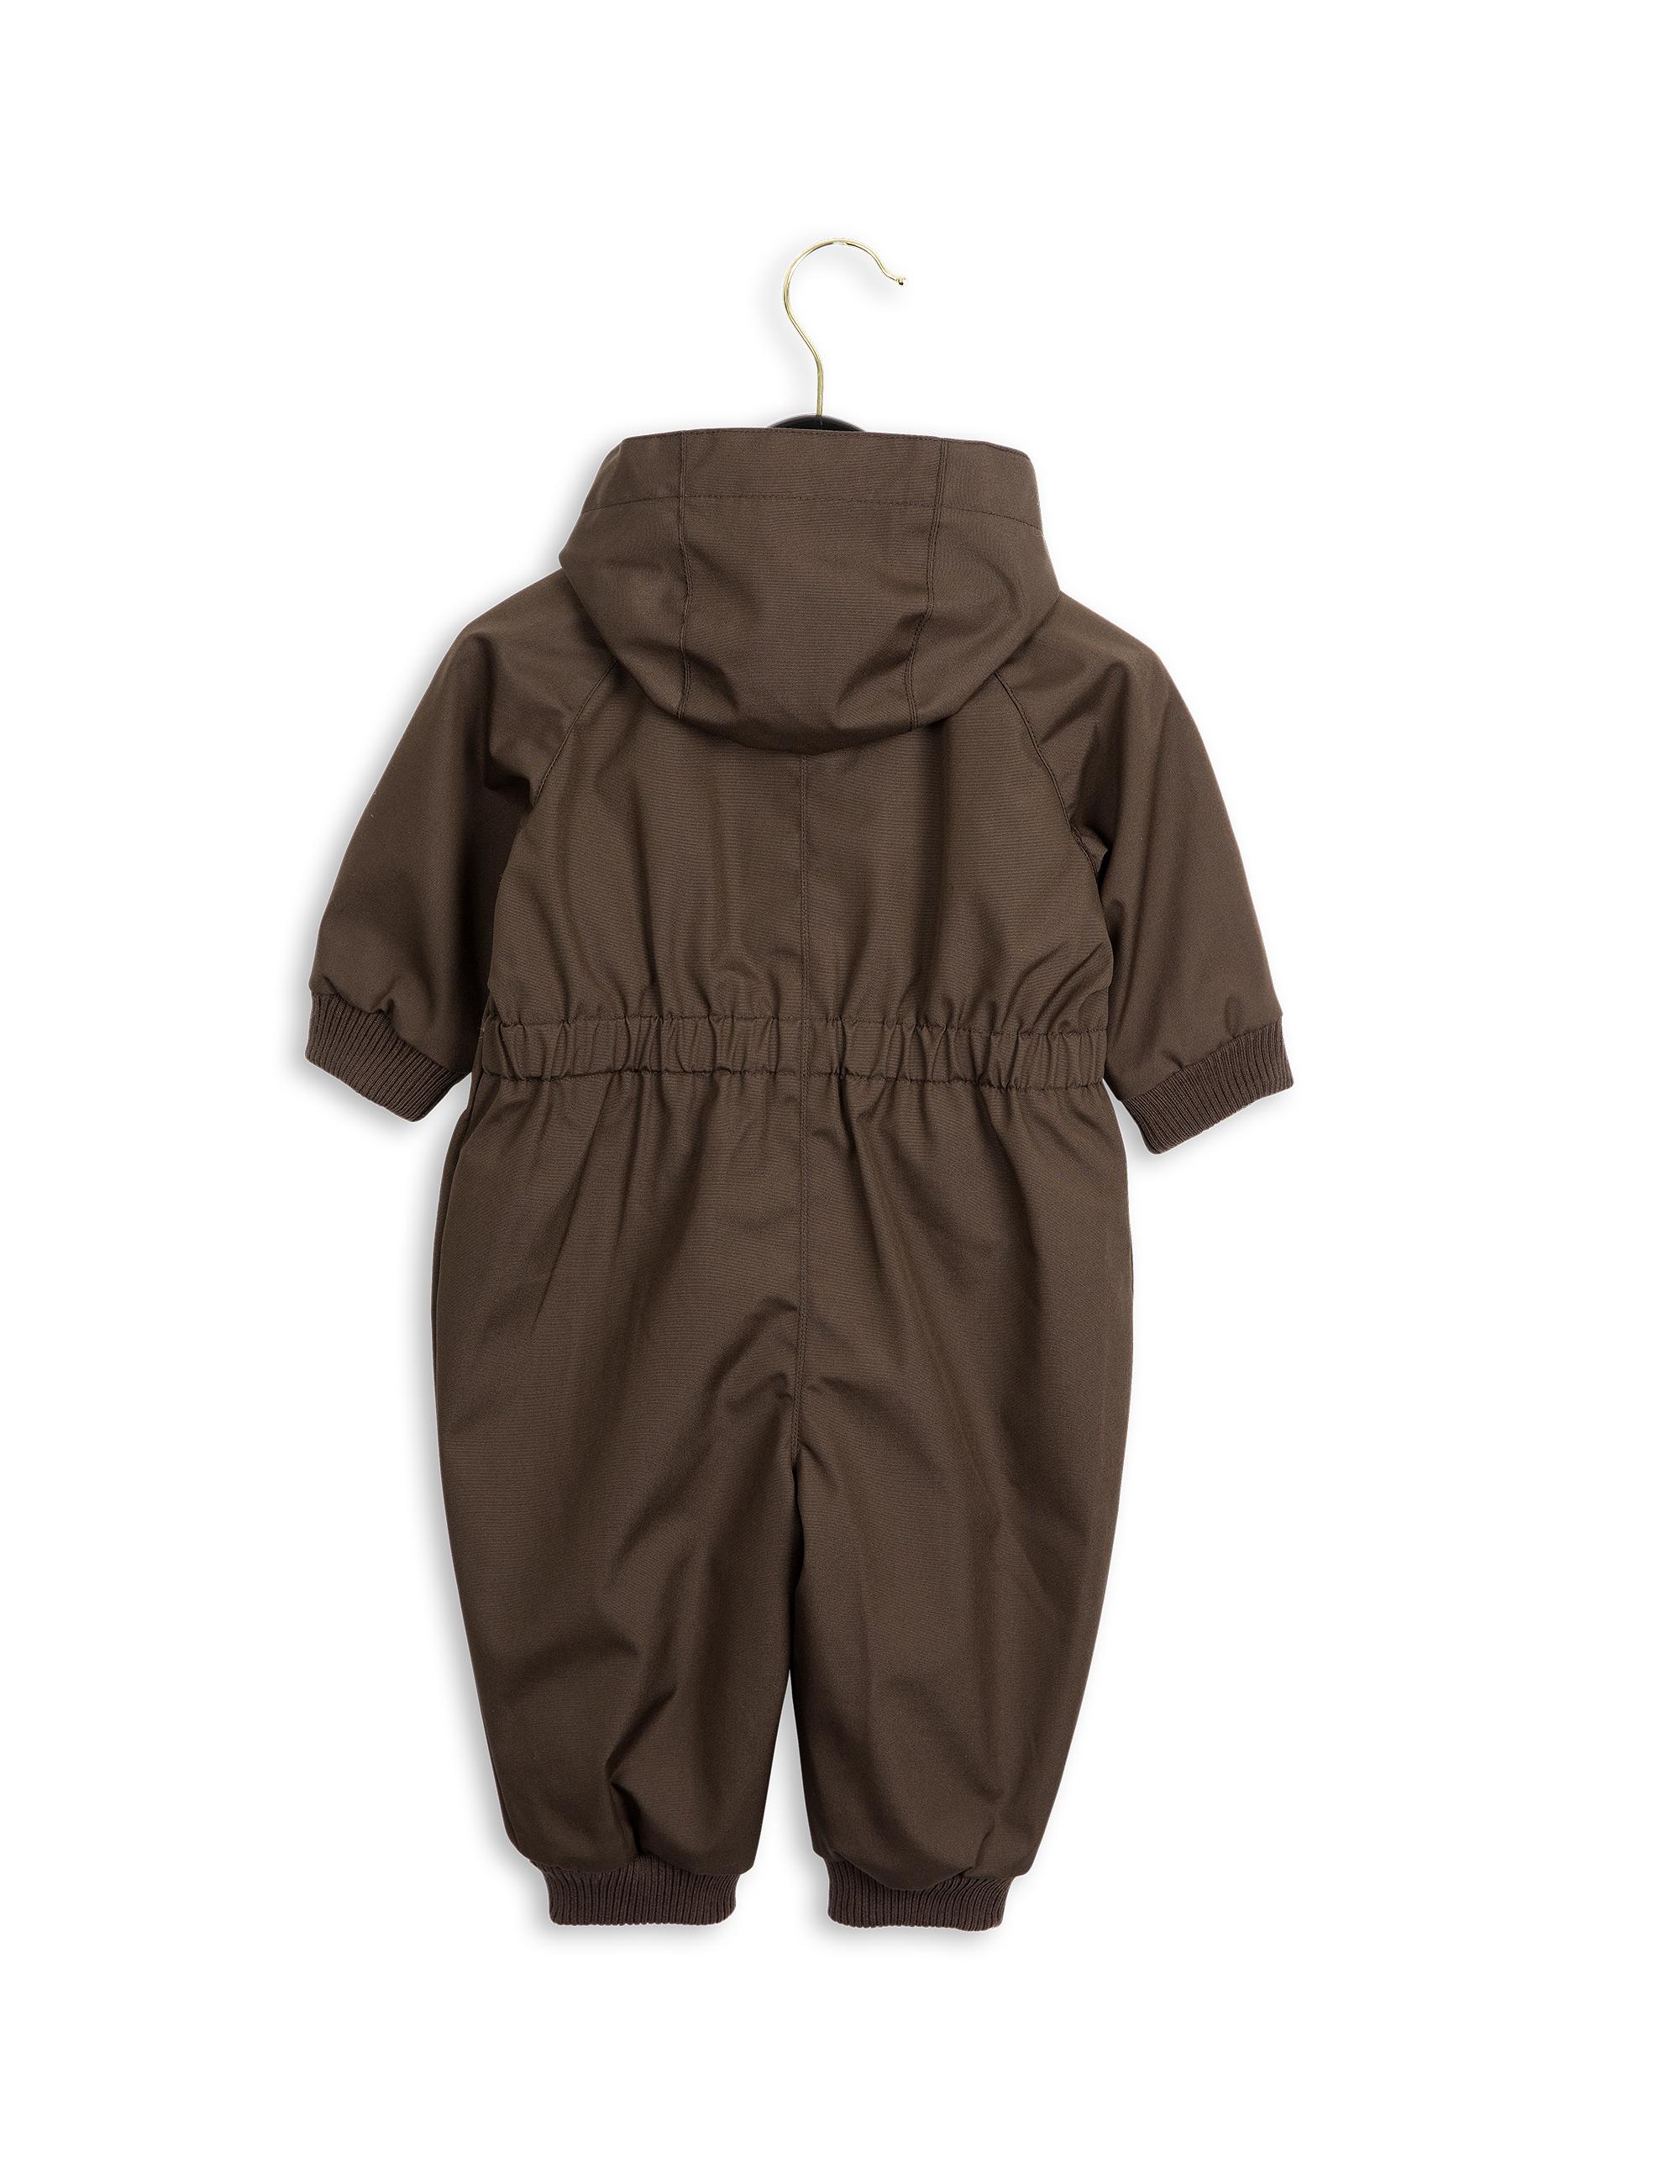 187 Mini Rodini Pico Baby Overall Dk Brown Butik Paletti